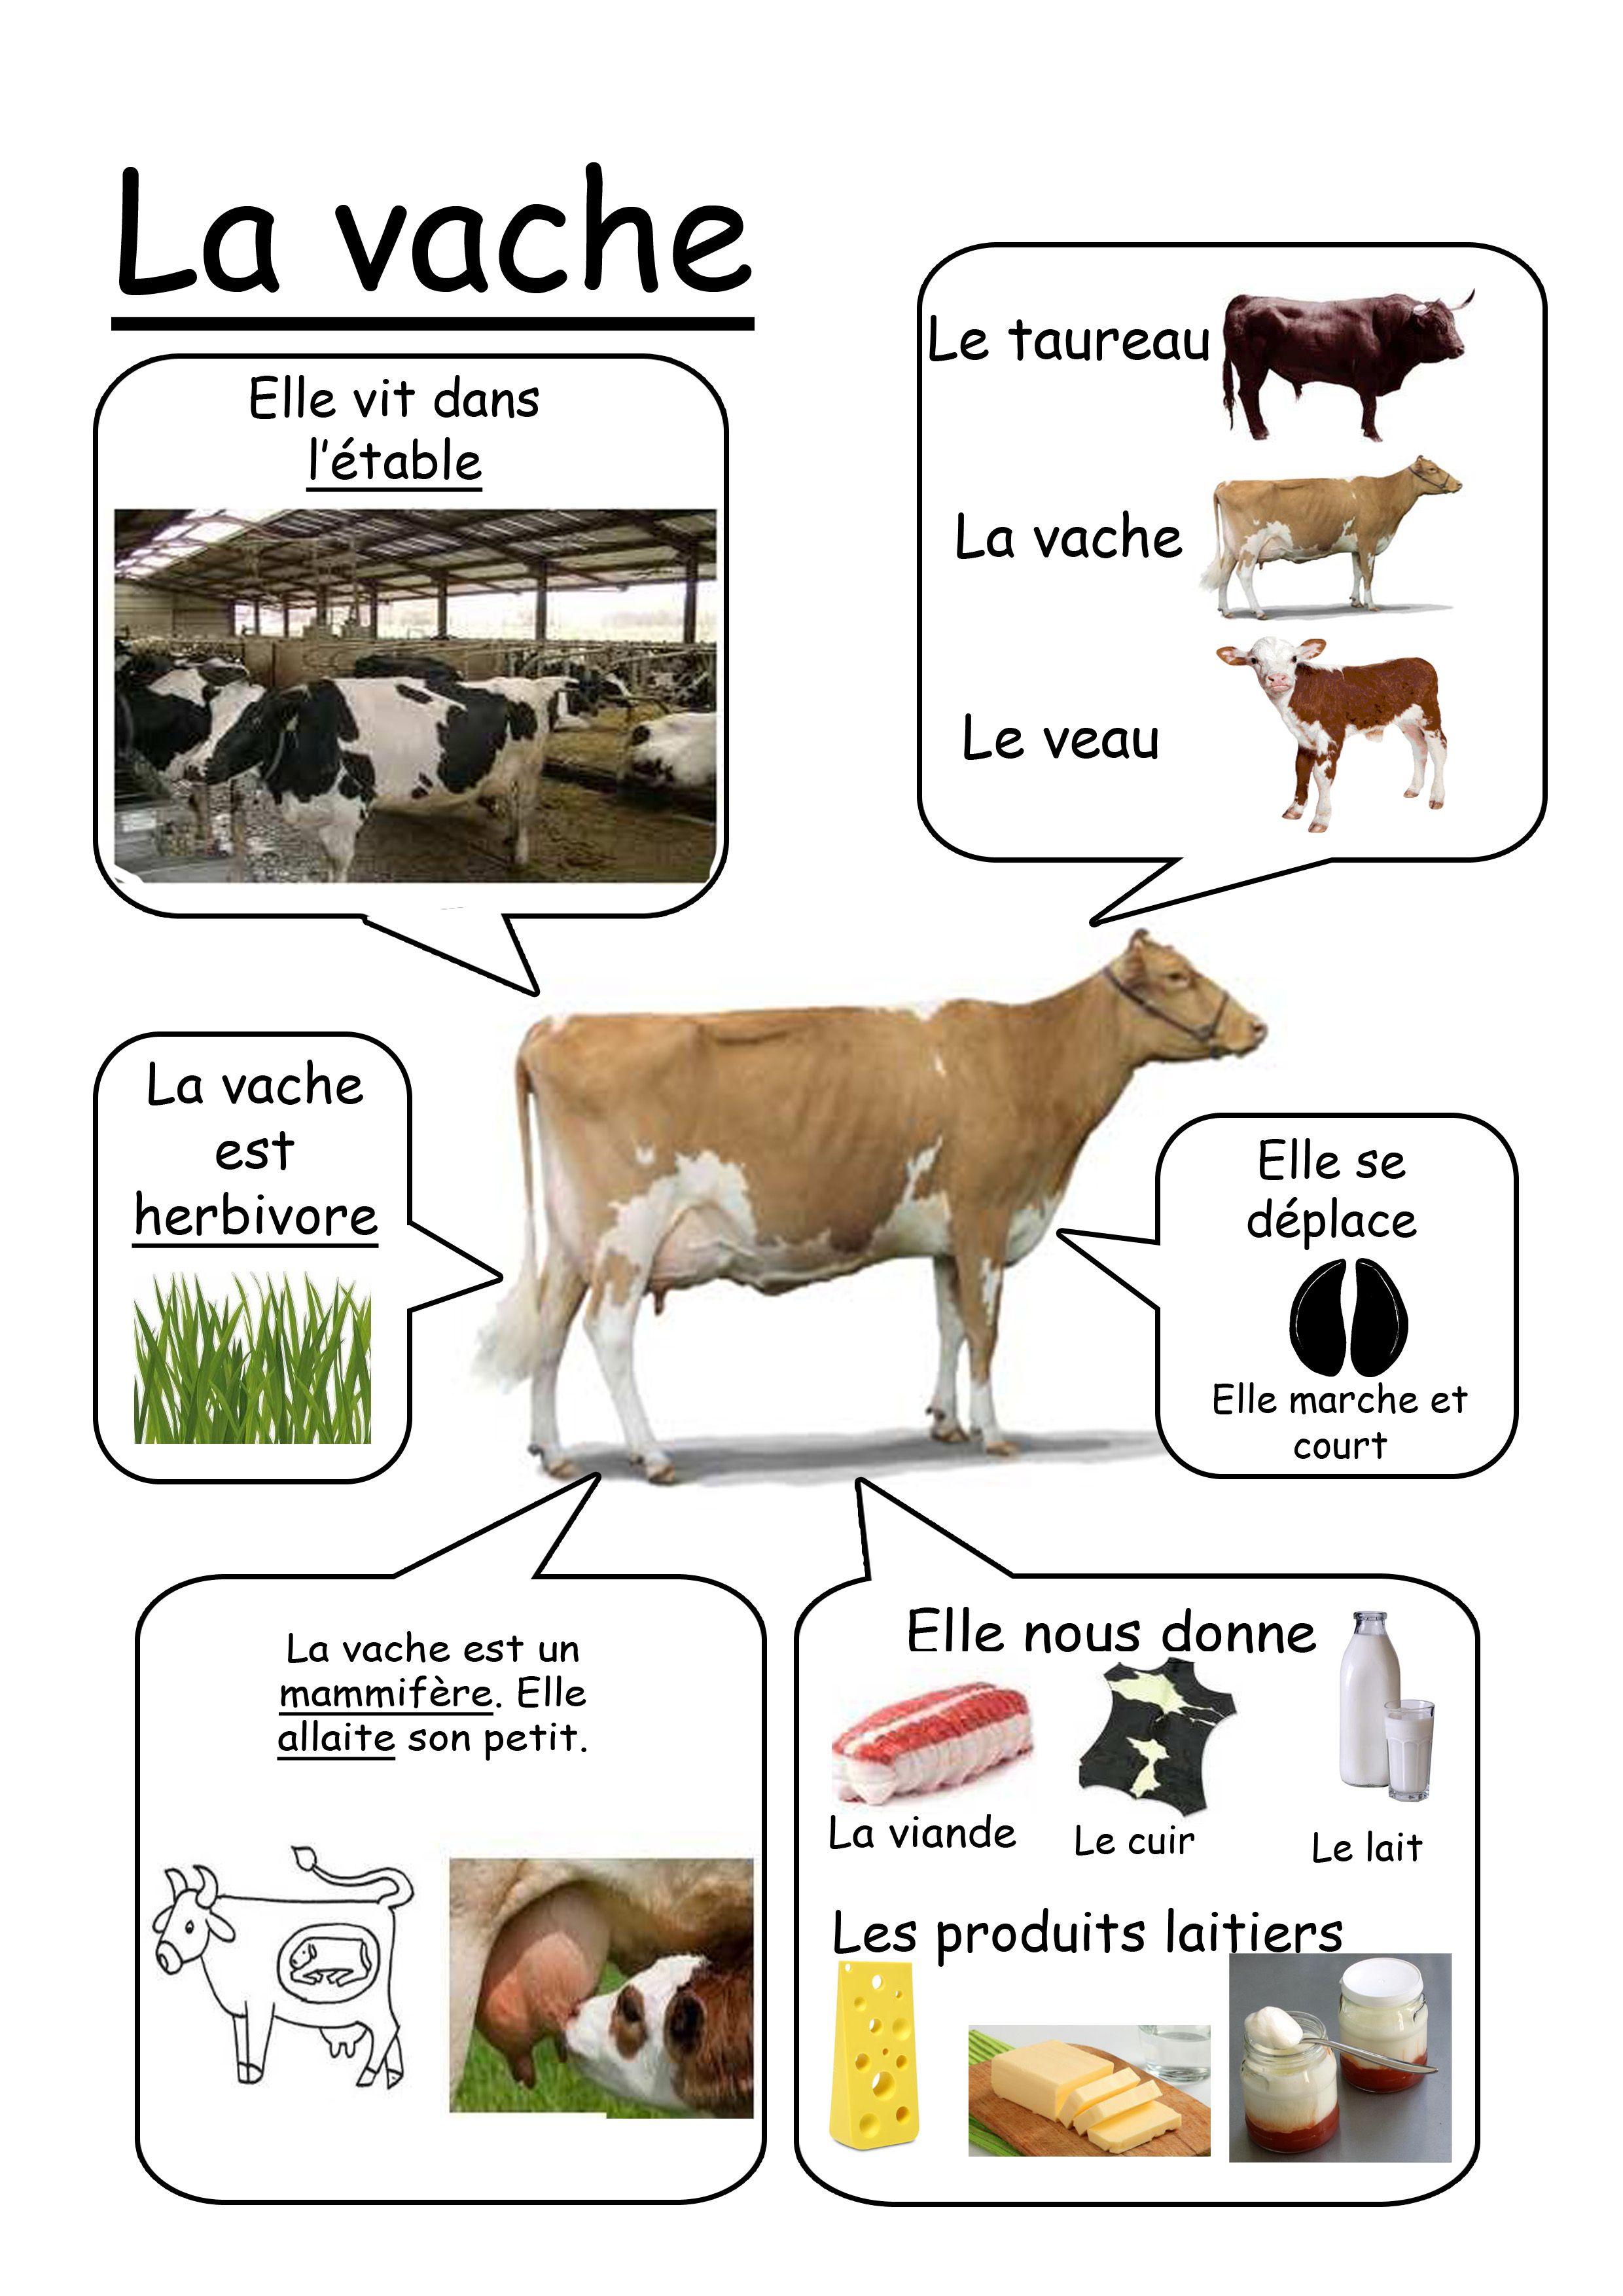 C Est Nul En Anglais : anglais, Vache, French